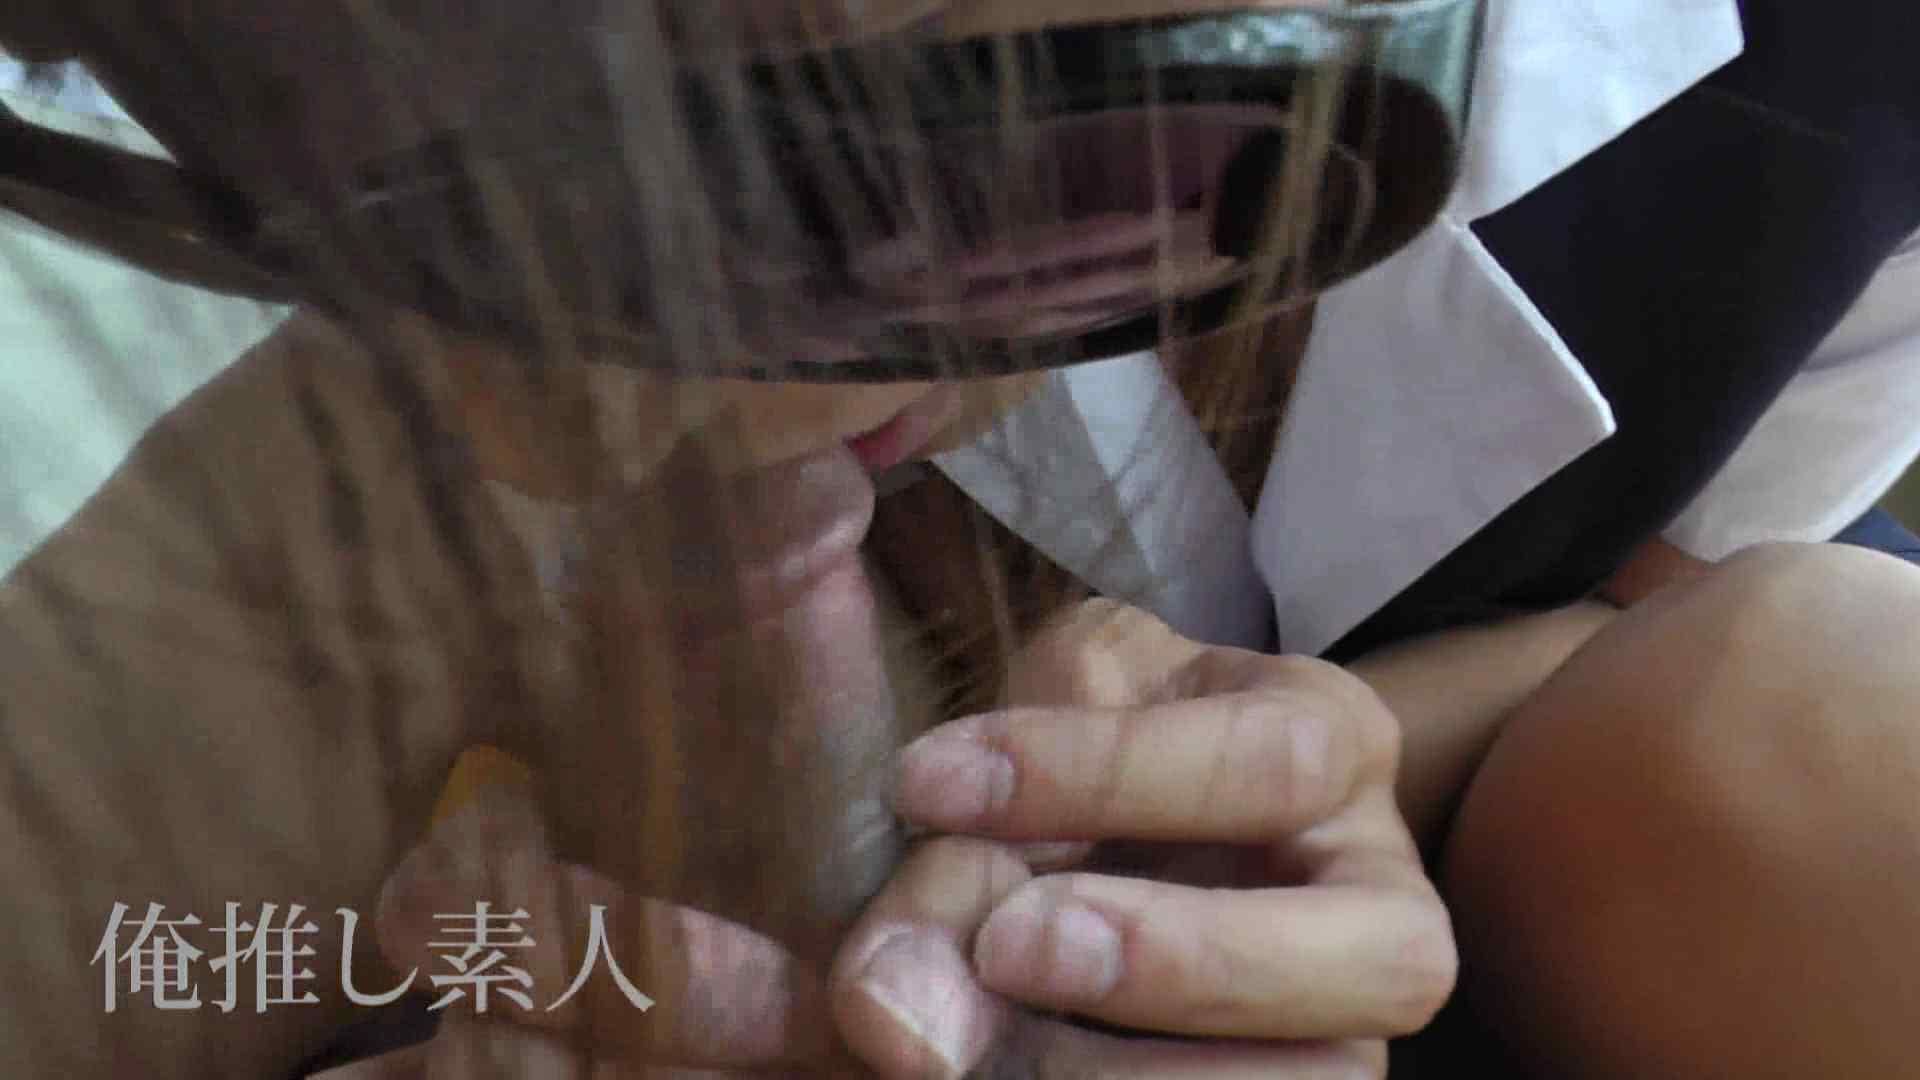 俺推し素人 30代人妻熟女キャバ嬢雫 エッチなキャバ嬢 おまんこ無修正動画無料 106pic 63